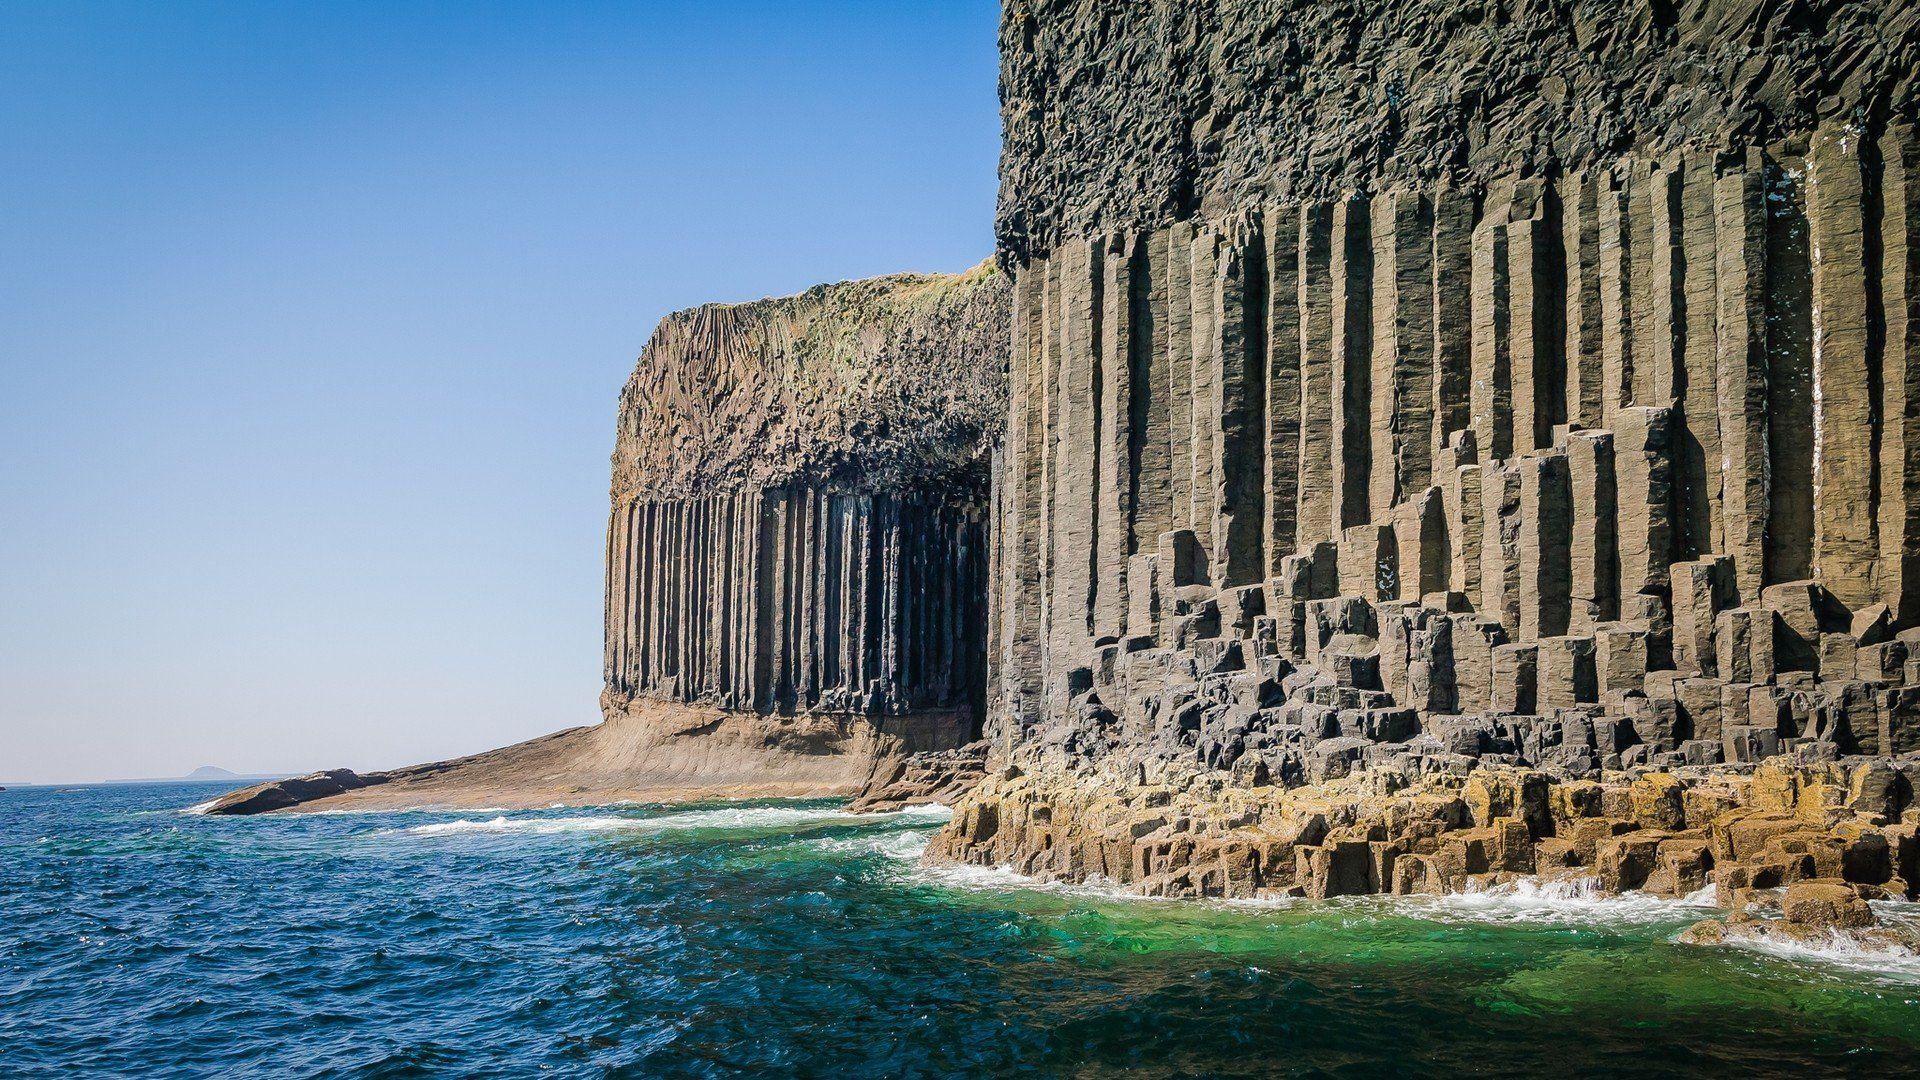 Cliffs Colunas Ilhas Paisagens Natureza Oceano Rochas Escócia Mar Desabitada Água